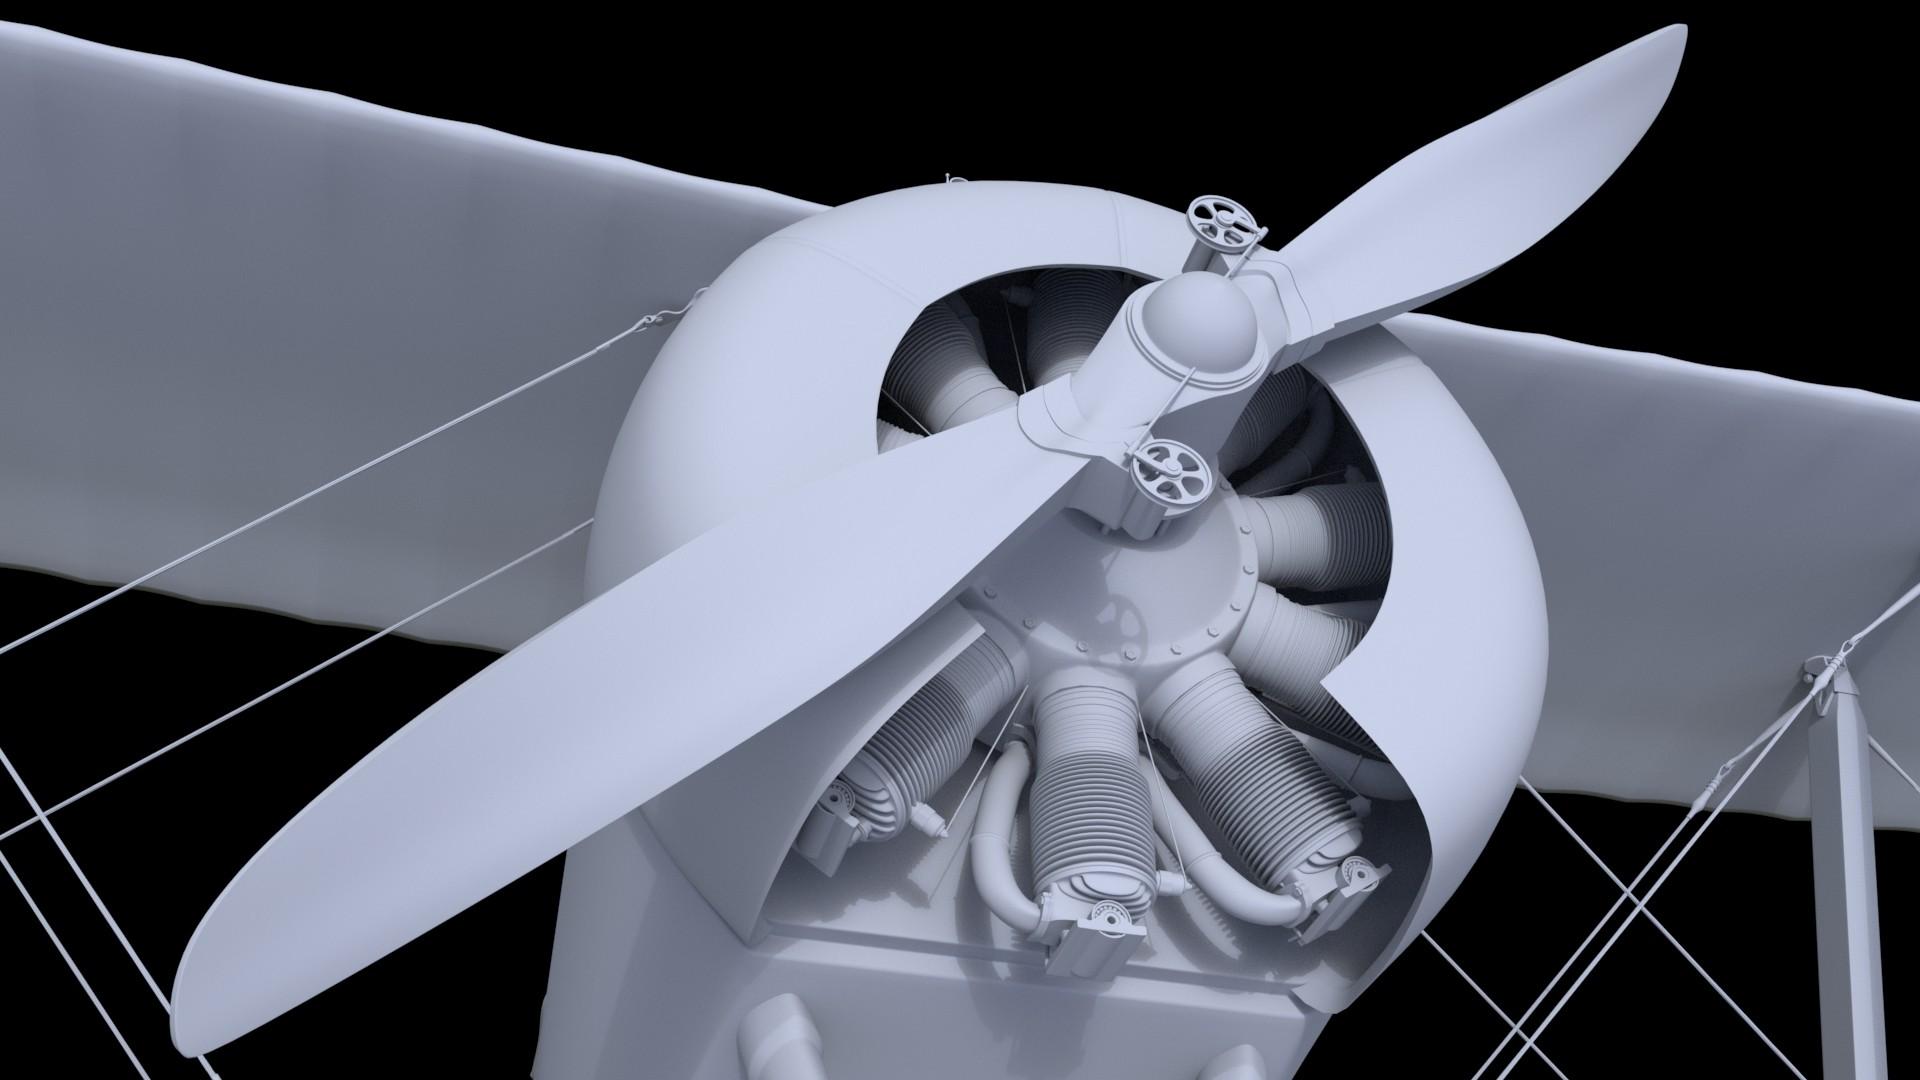 Francisco jose armas perona motor helice